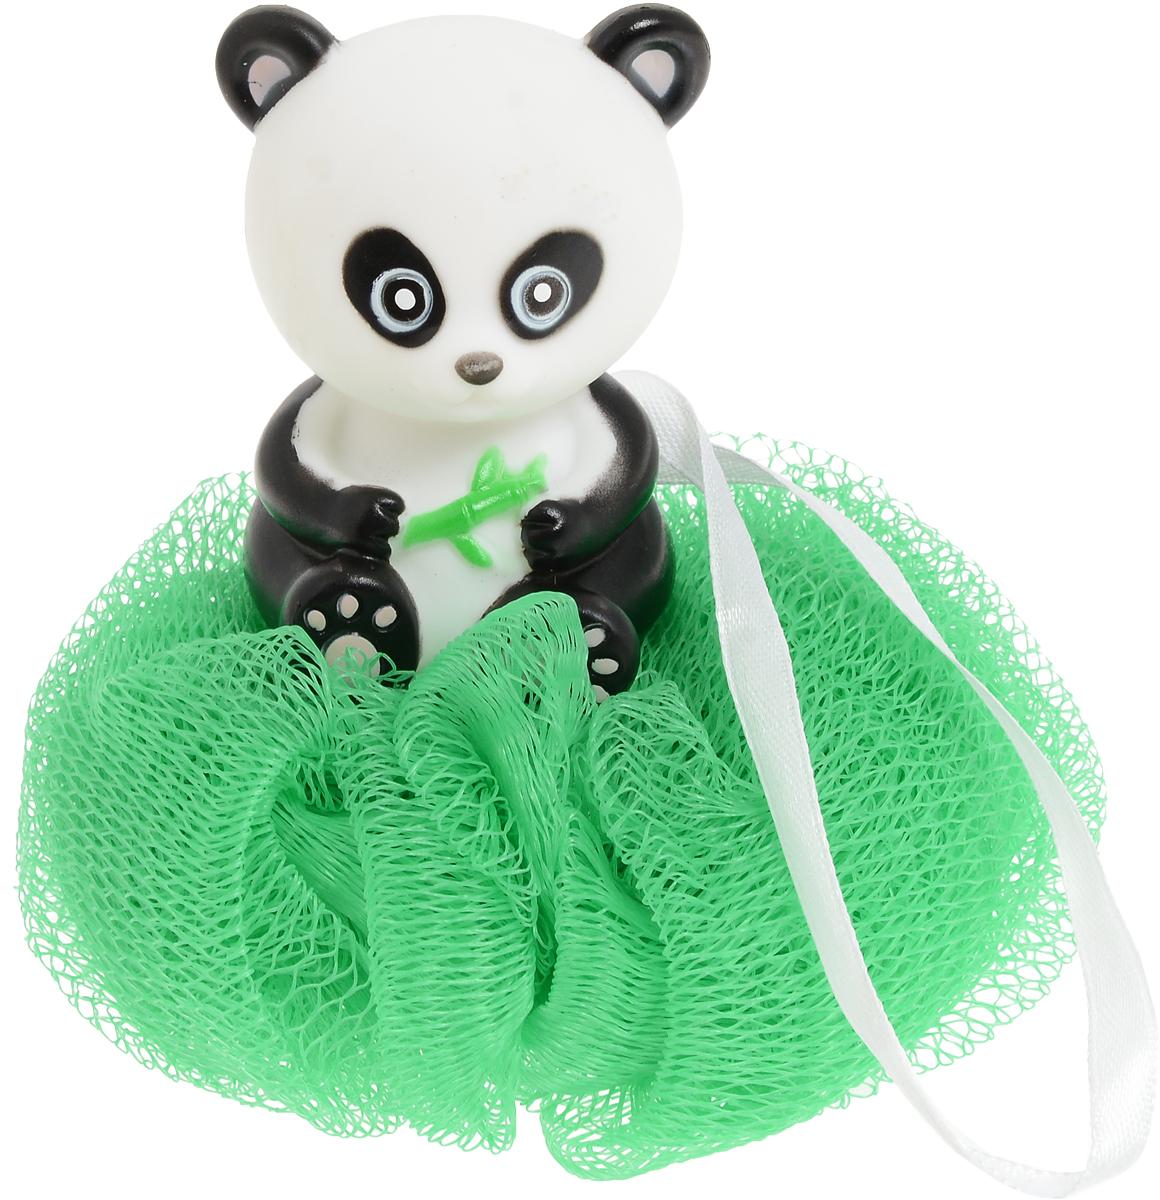 BioCos Мочалка для тела с игрушкой-гелем для душа Панда, цвет зеленый12989_зеленый/пандаМочалка бережно очищает кожу, обладает приятным массажным эффектом. Подходит для ежедневного использования.Рекомендации по применению: промыть мочалку в горячей воде, предварительно сняв с нее игрушку. Выдавить гель для душа из игрушки на мокрую мочалку и взбить до появления пены.Состав геля для душа: вода, лауретсульфат натрия, кокамидопропилбетаин, акрилат/C10-30, алкилированный акрилат кроссполимер, триэтаноламин, С12-13 алкил лактат, парфюм, двунатриевый ETDA, метилпарабен, пропилпарабен, метилхлороизотиазолинол & метилизотиазолинон, +/- Cl19140, Cl42090, Cl17200, Cl77891.